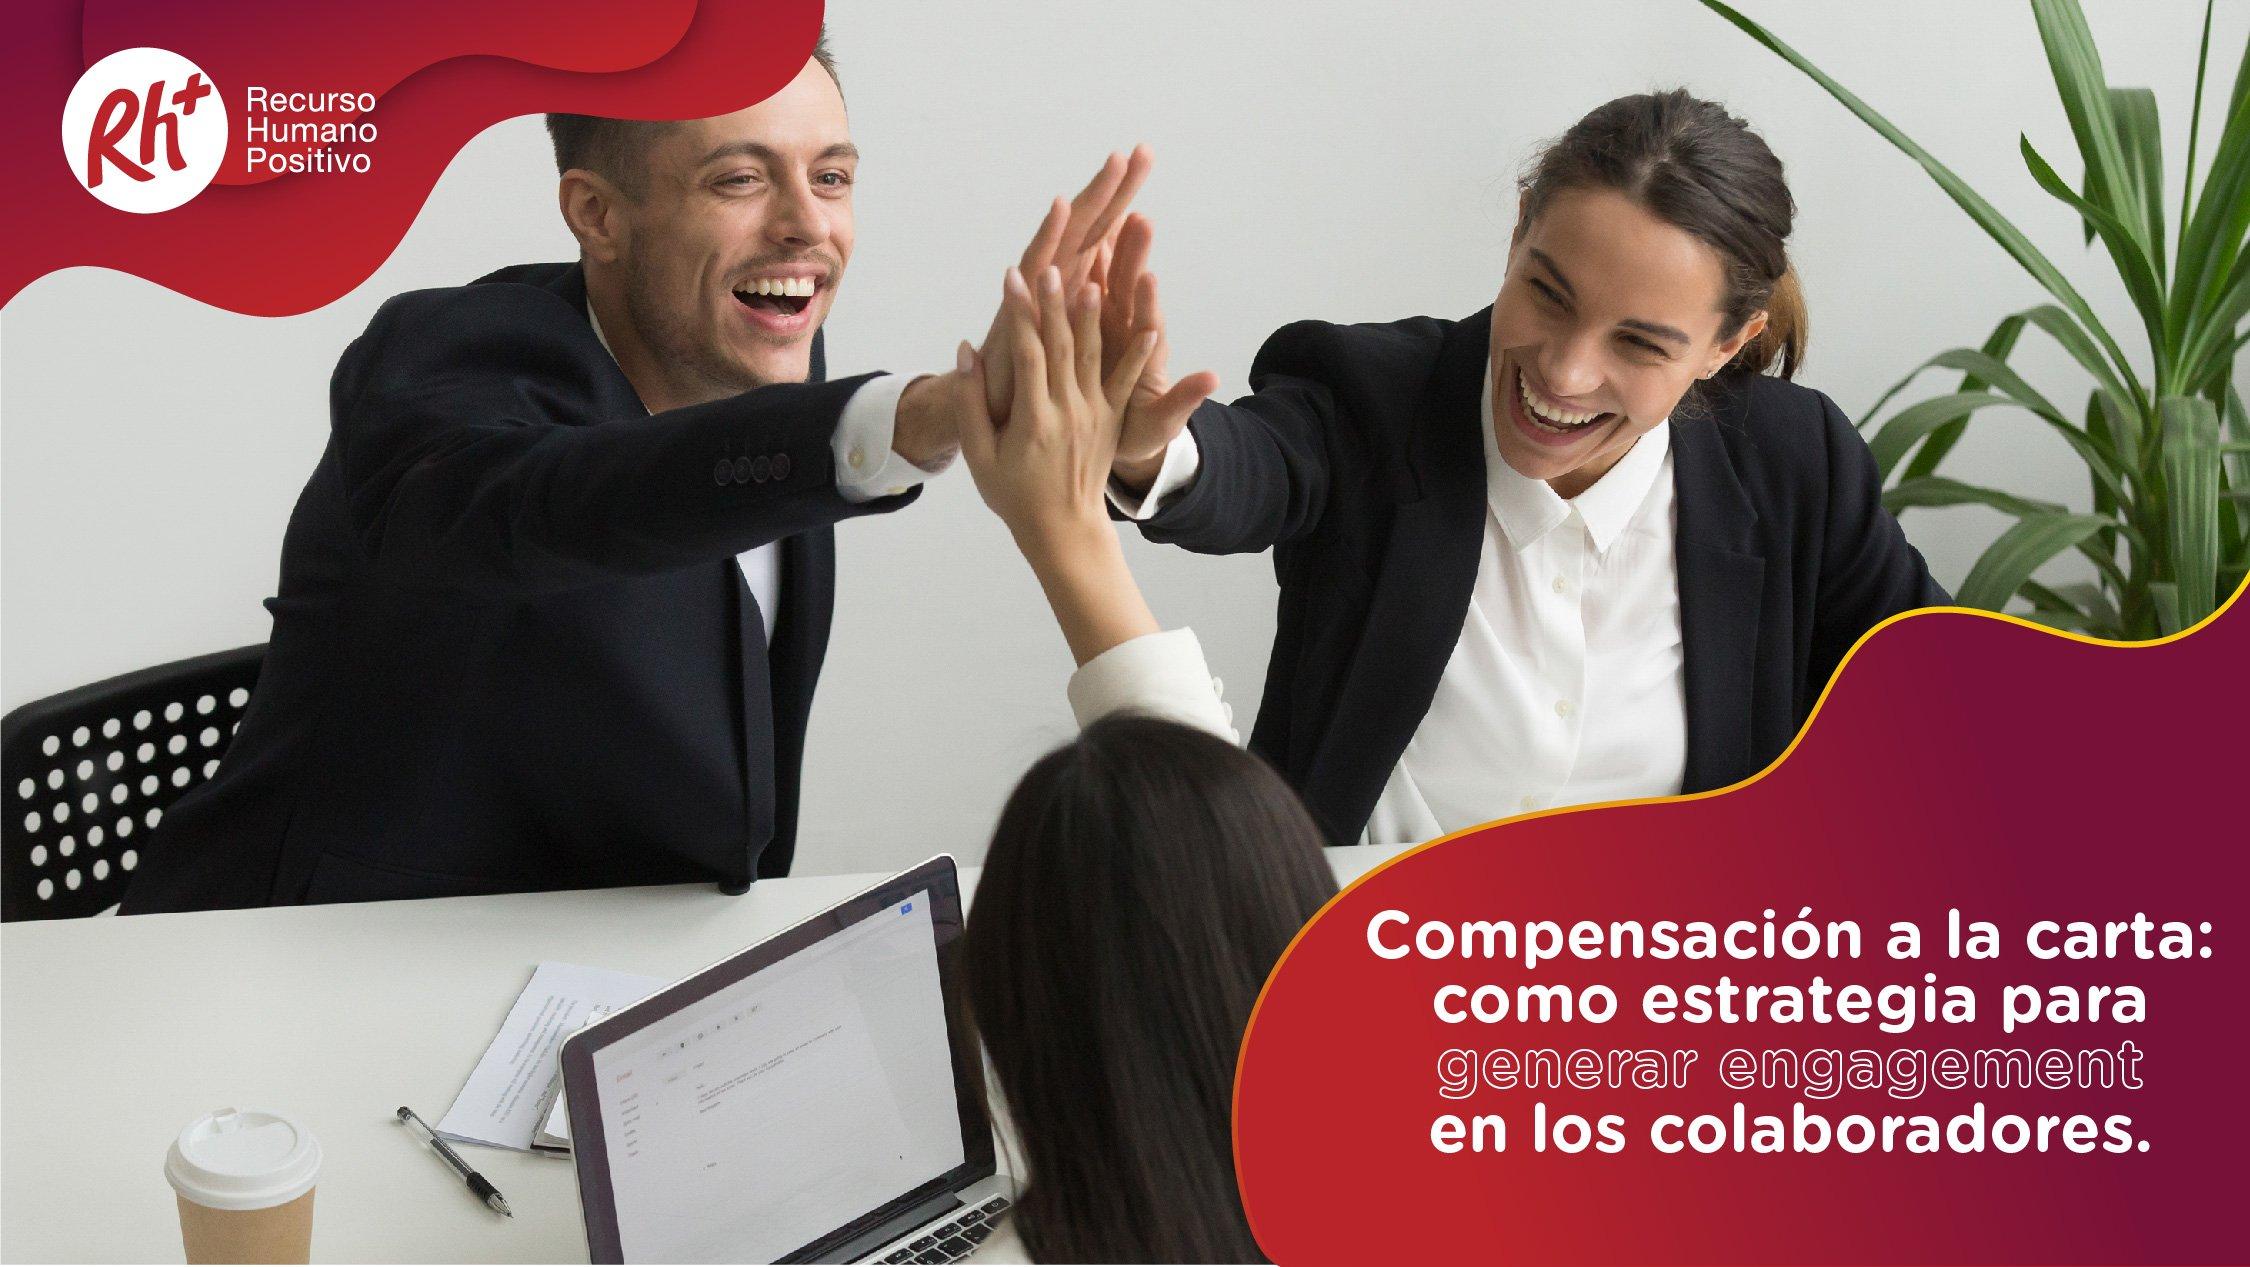 Compensación a la carta: como estrategia para generar engagement en los colaboradores.